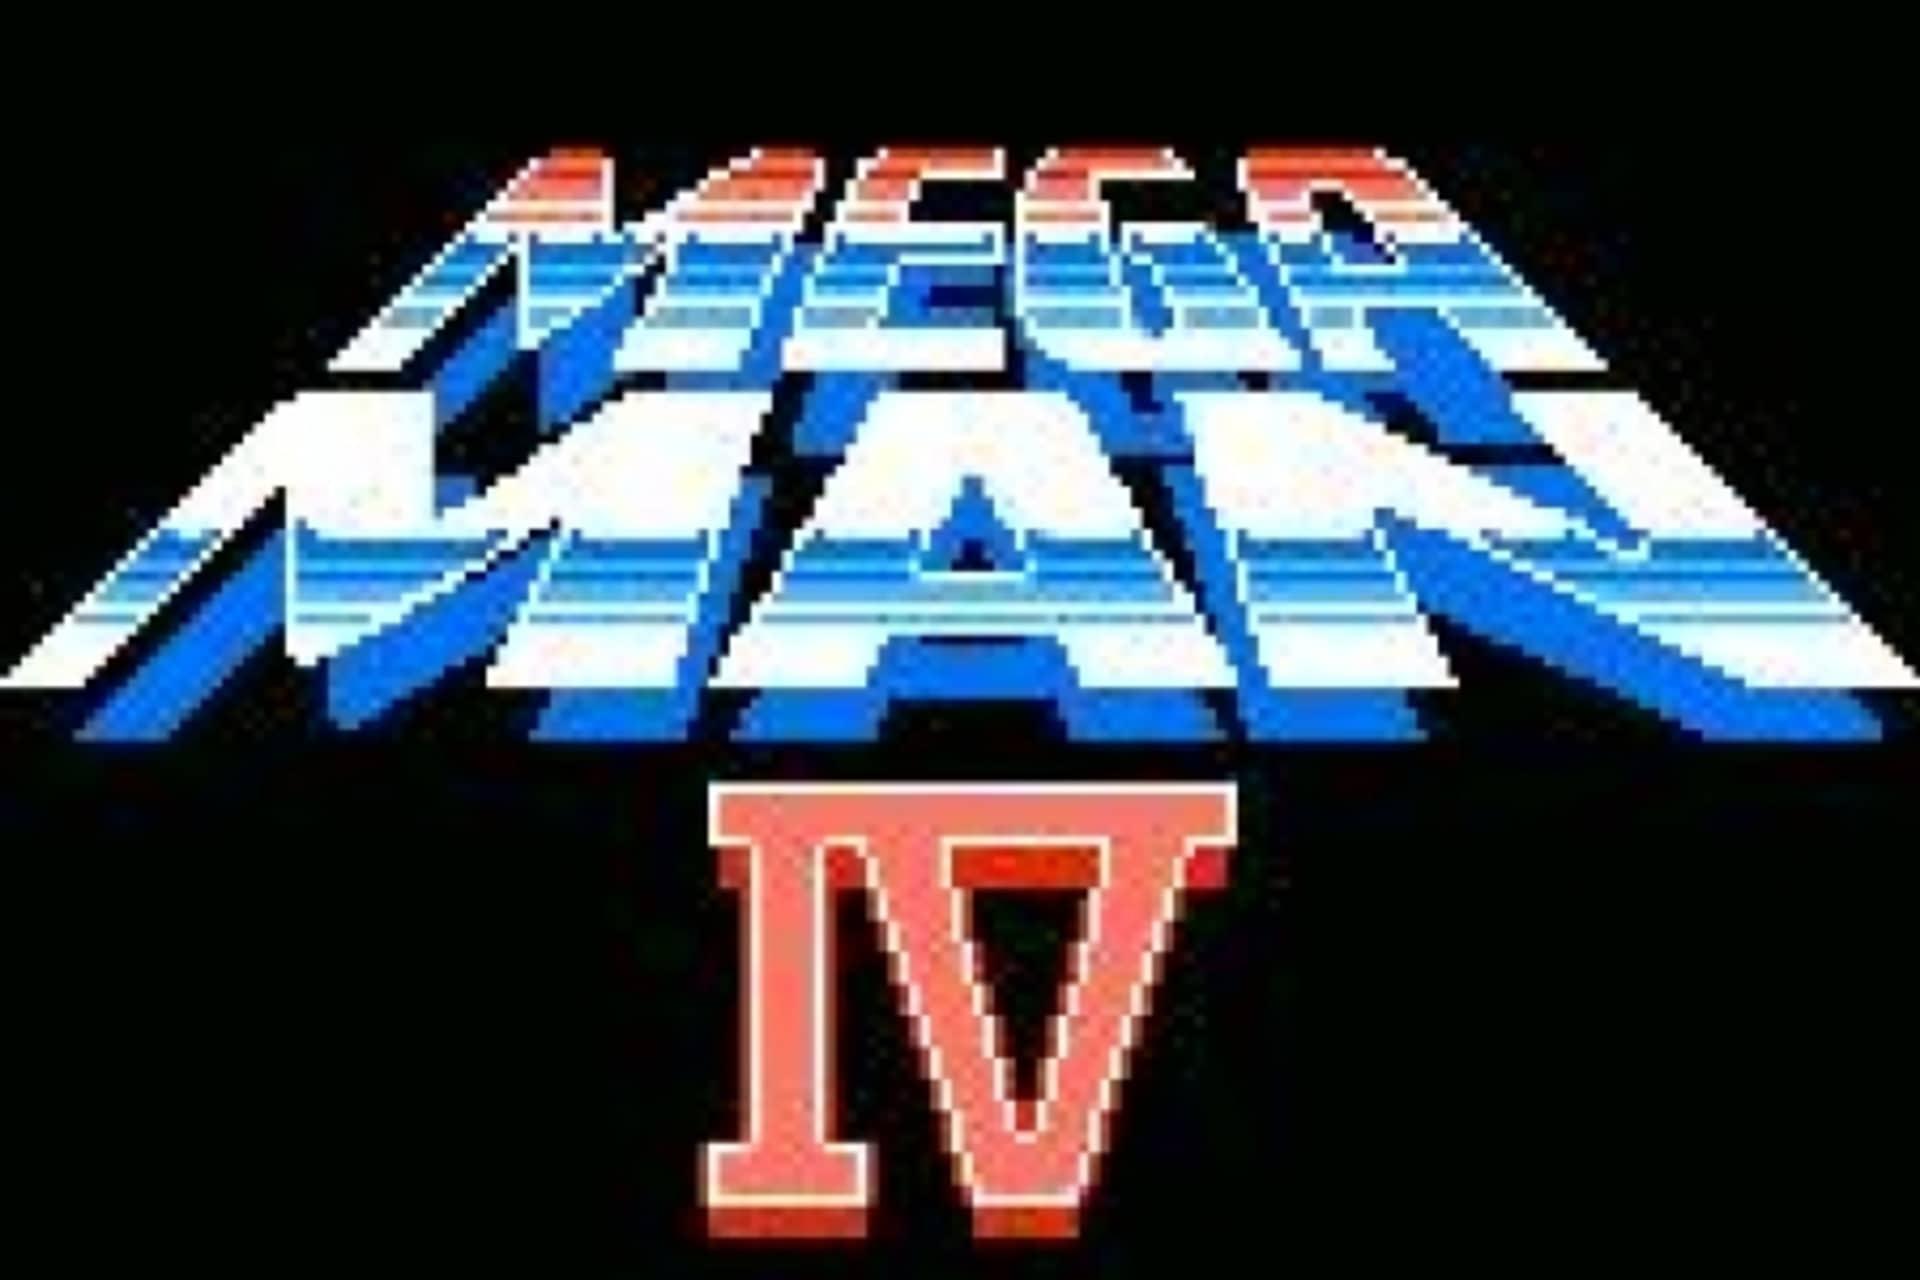 megaman 2 title